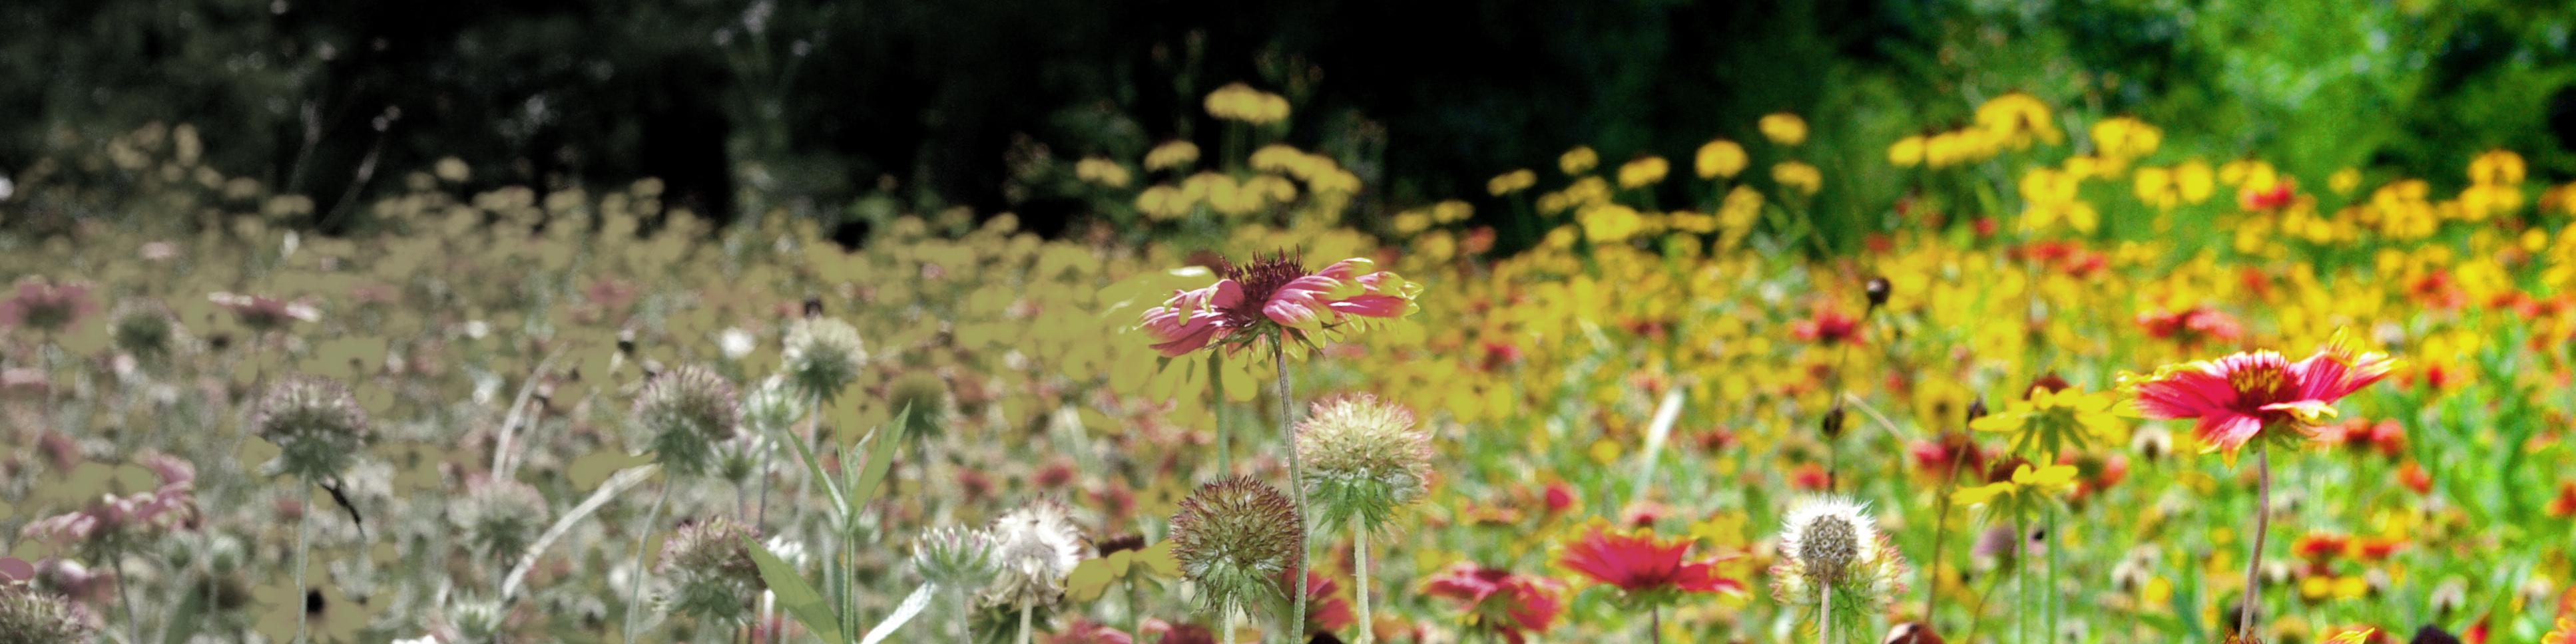 flower-field-2